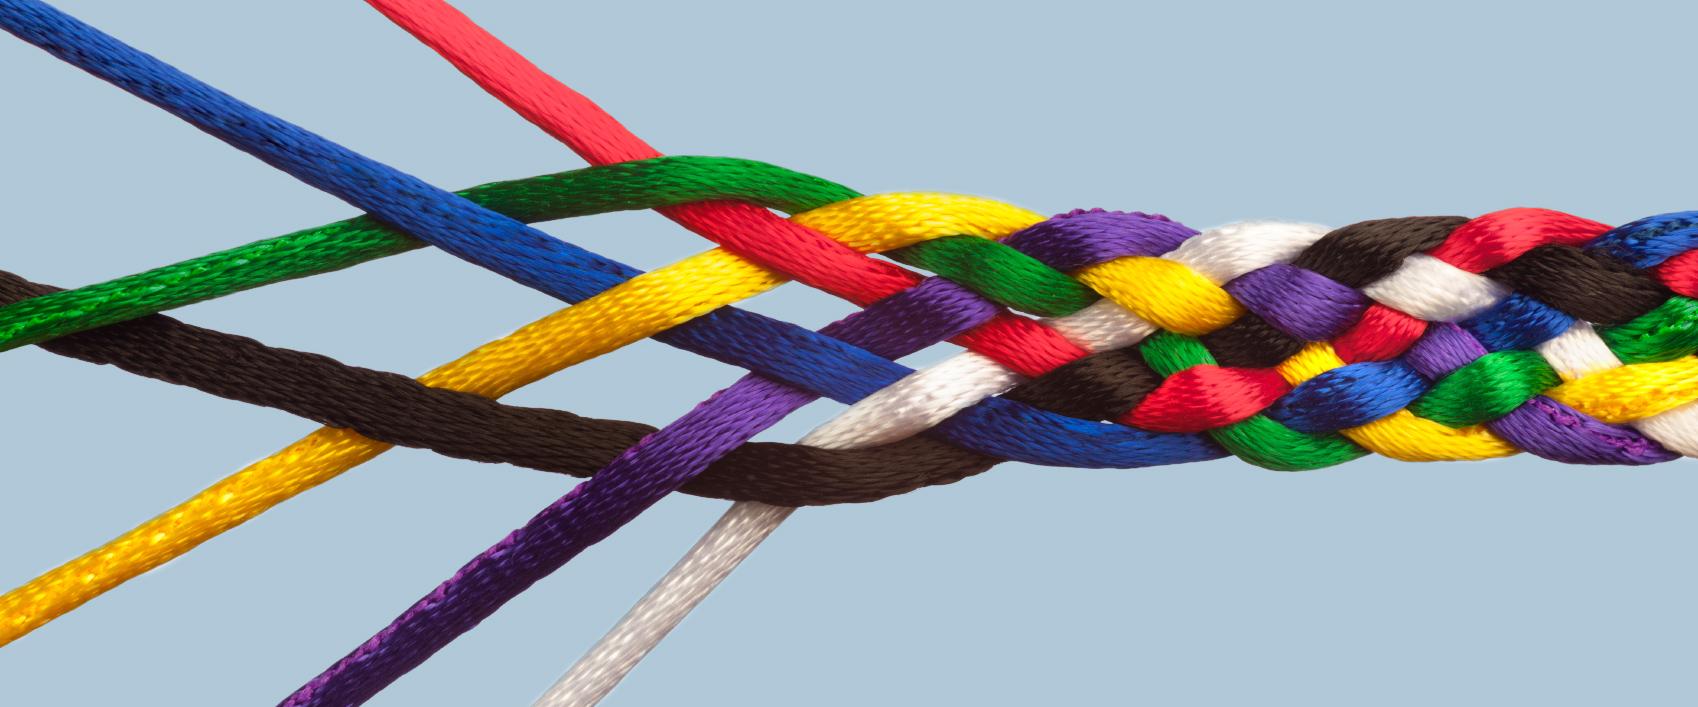 az értékpapír kockázatok kezelésének legjobb módja a széleskörű diverzifikáció.